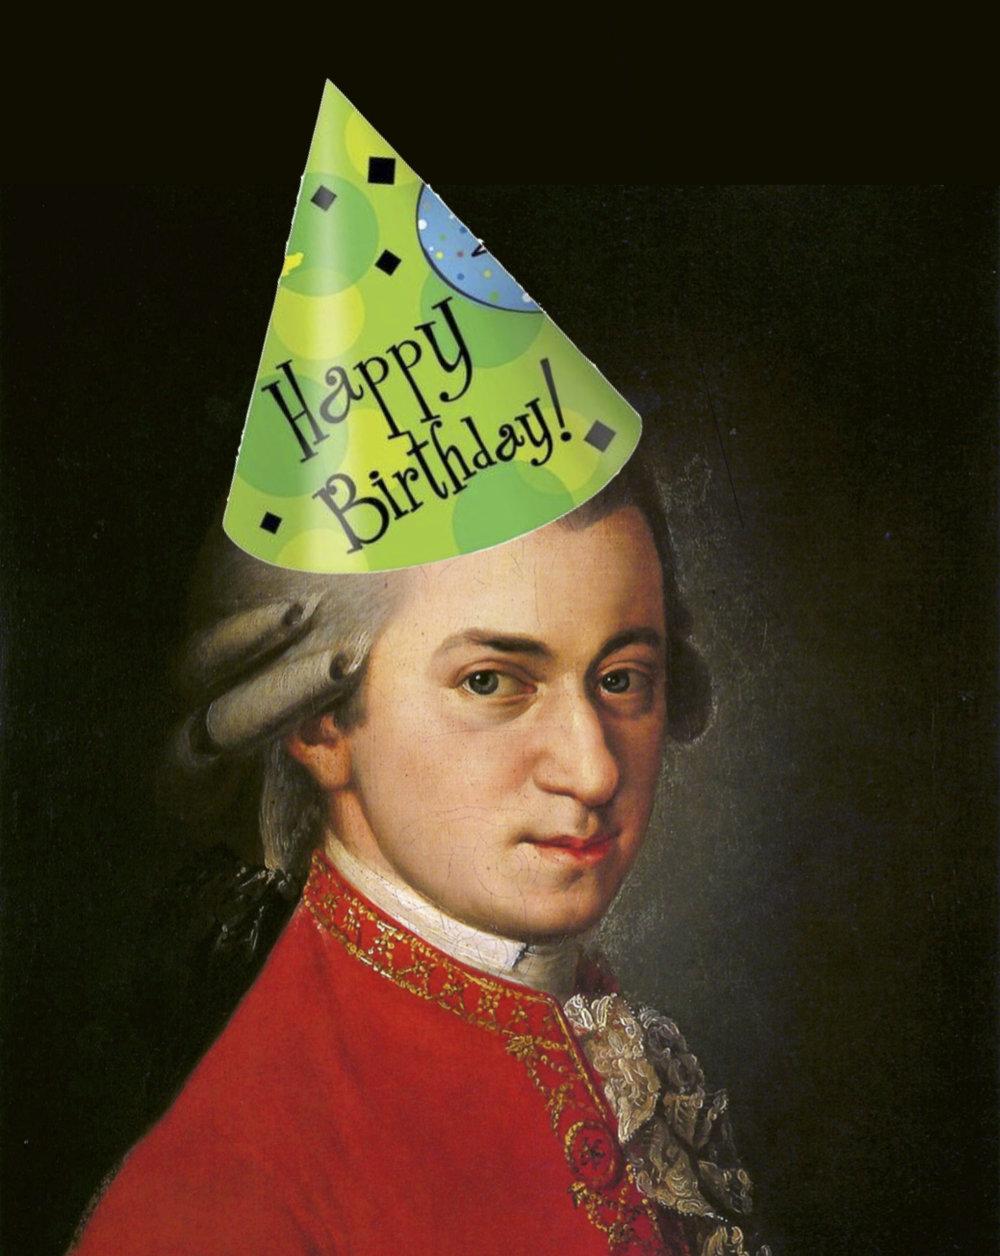 Happy Birthday, Mozart!